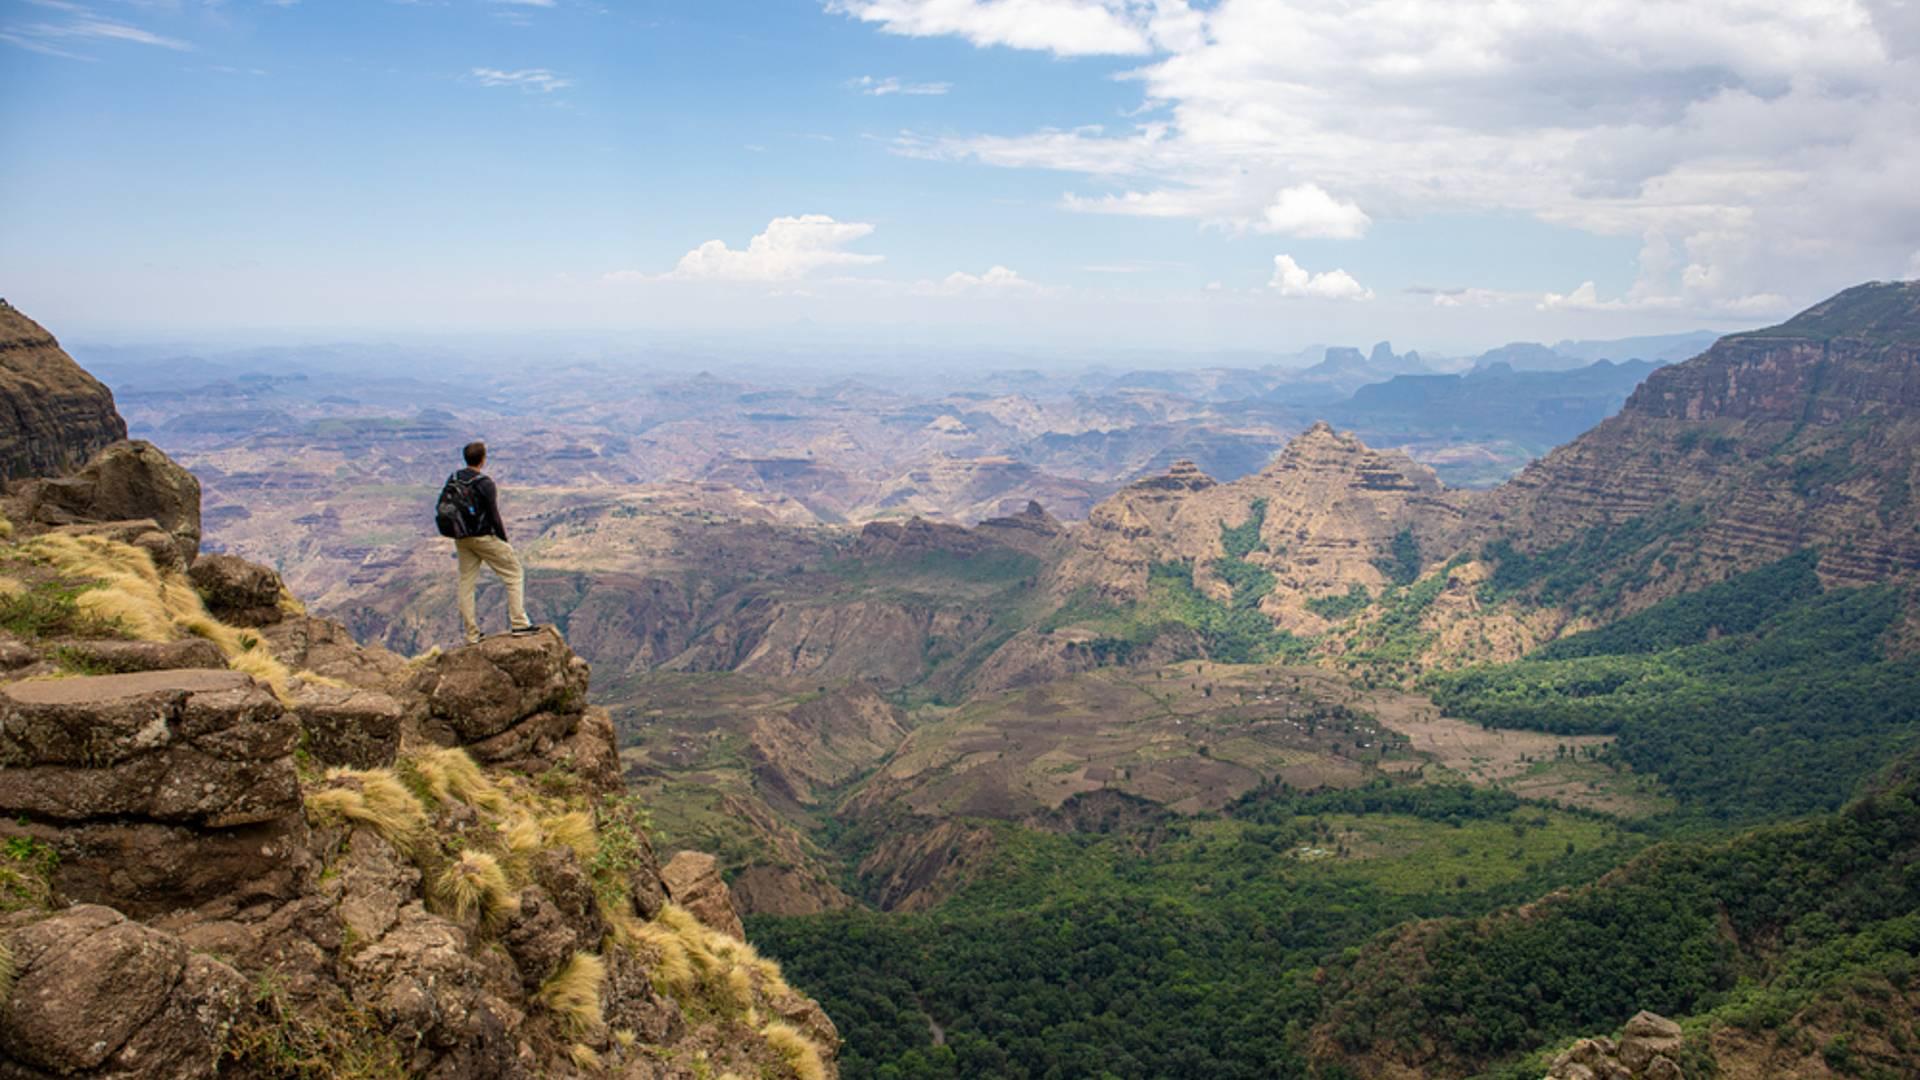 Randonnées sur les hauts plateaux à la rencontre d'une civilisation ancestrale